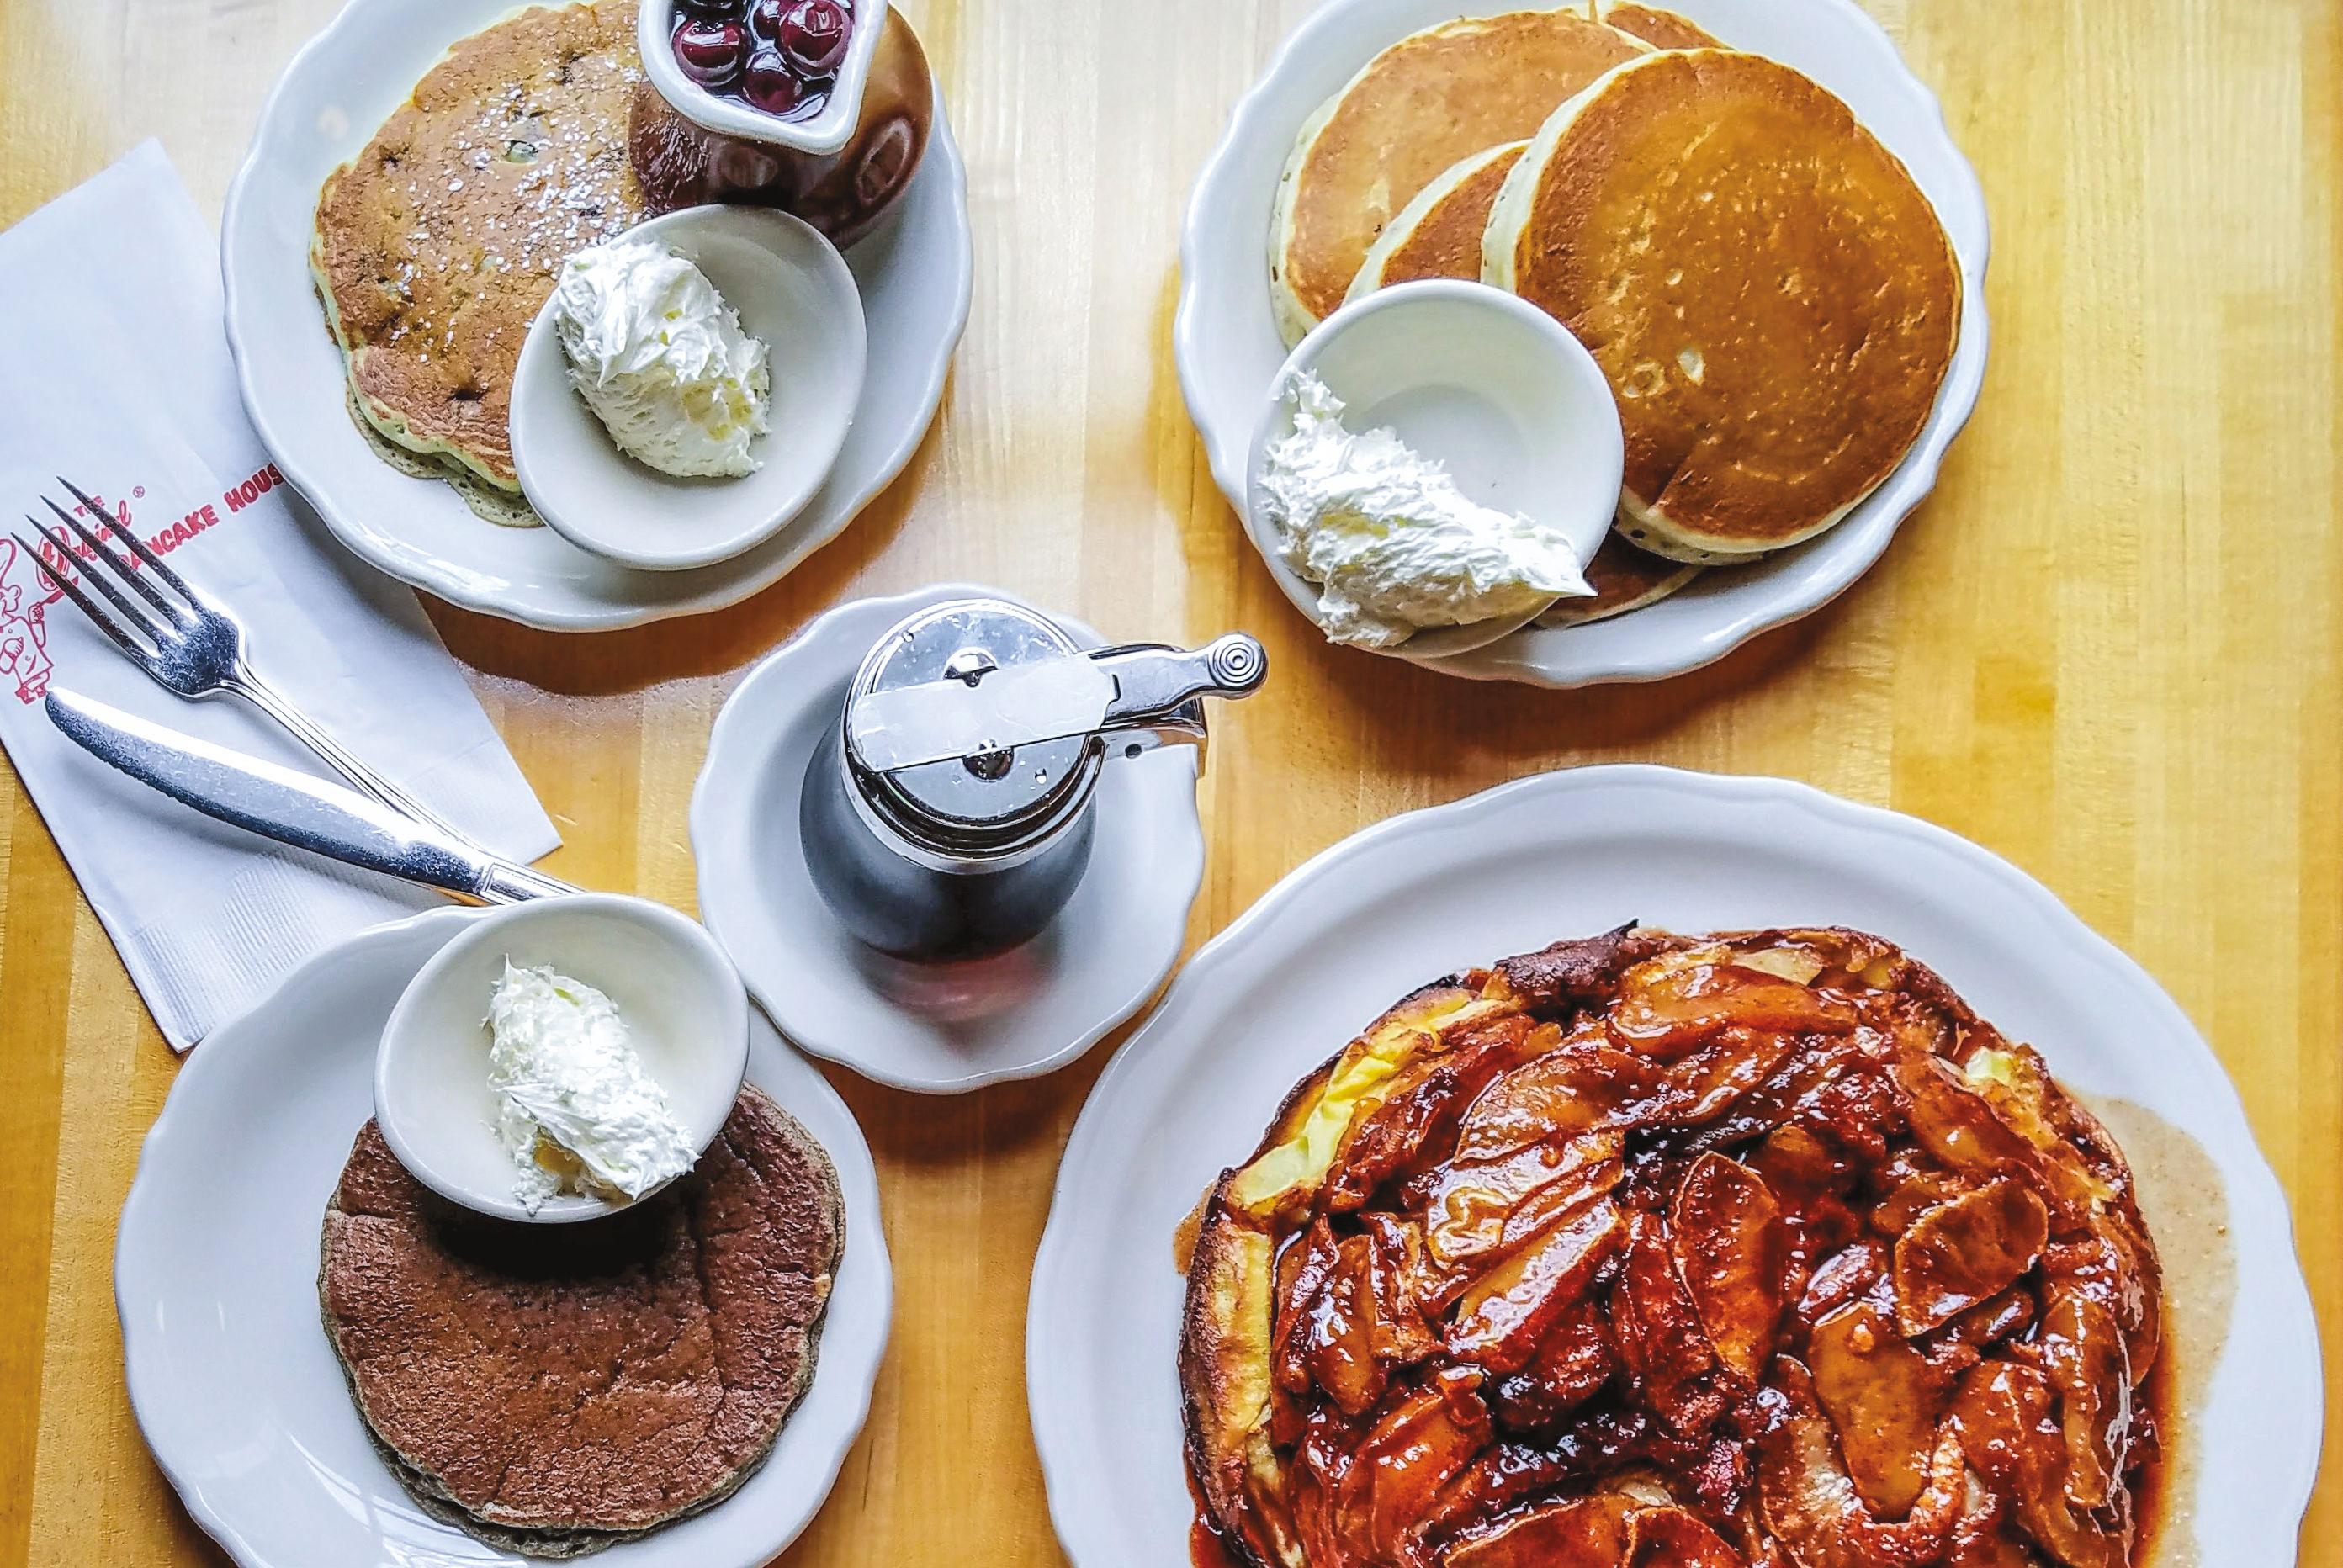 0118 eat drink pancake quest original pancake house hi3eqi